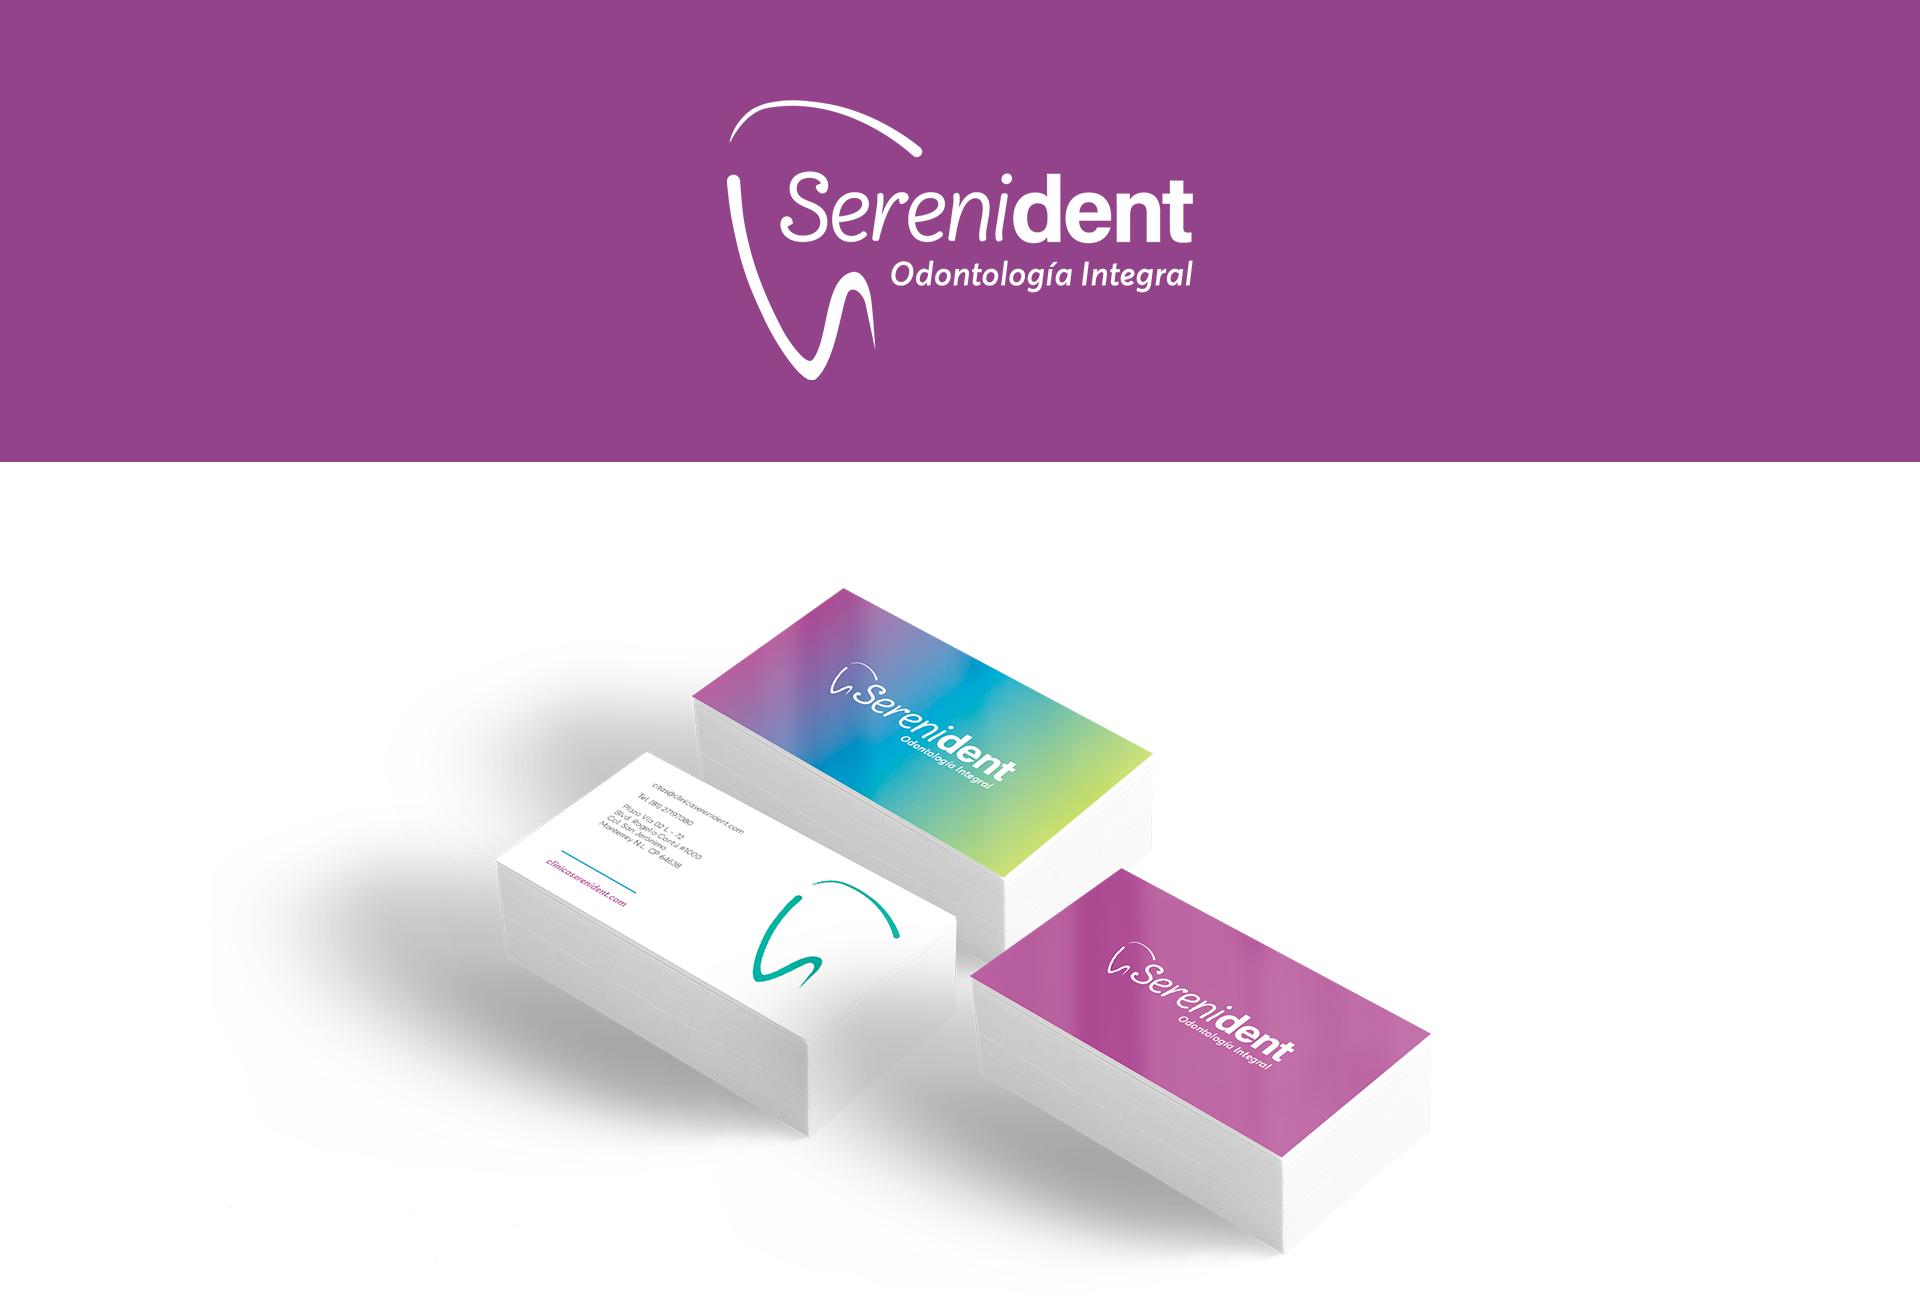 Serenident03